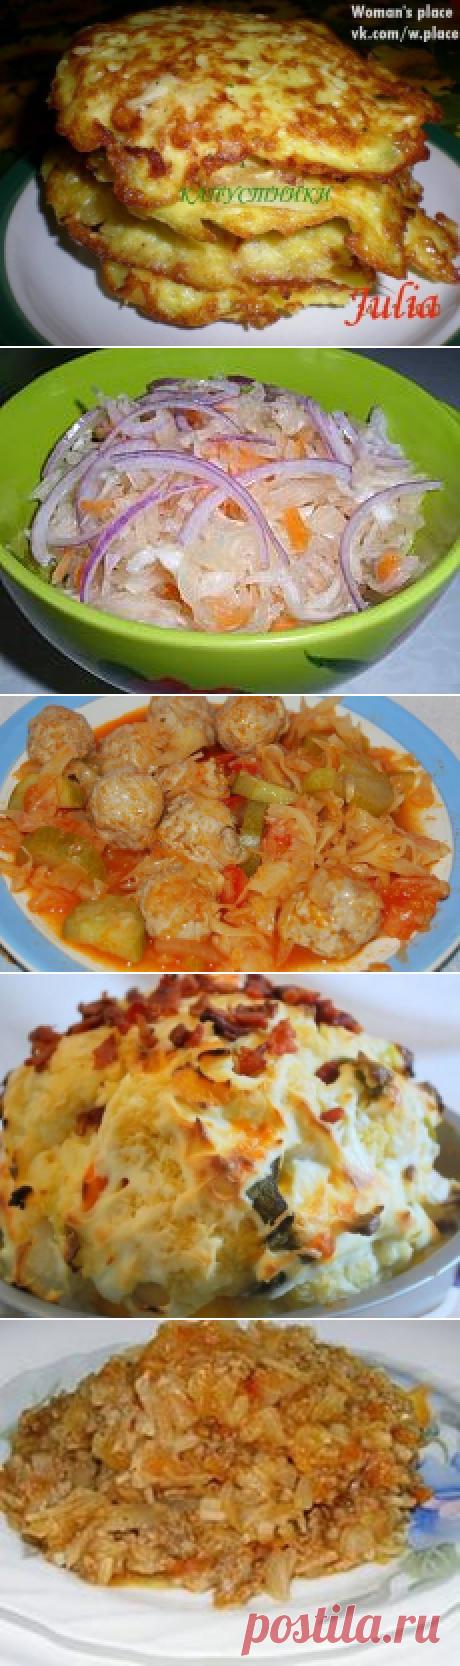 Поиск на Постиле: блюда из капусты